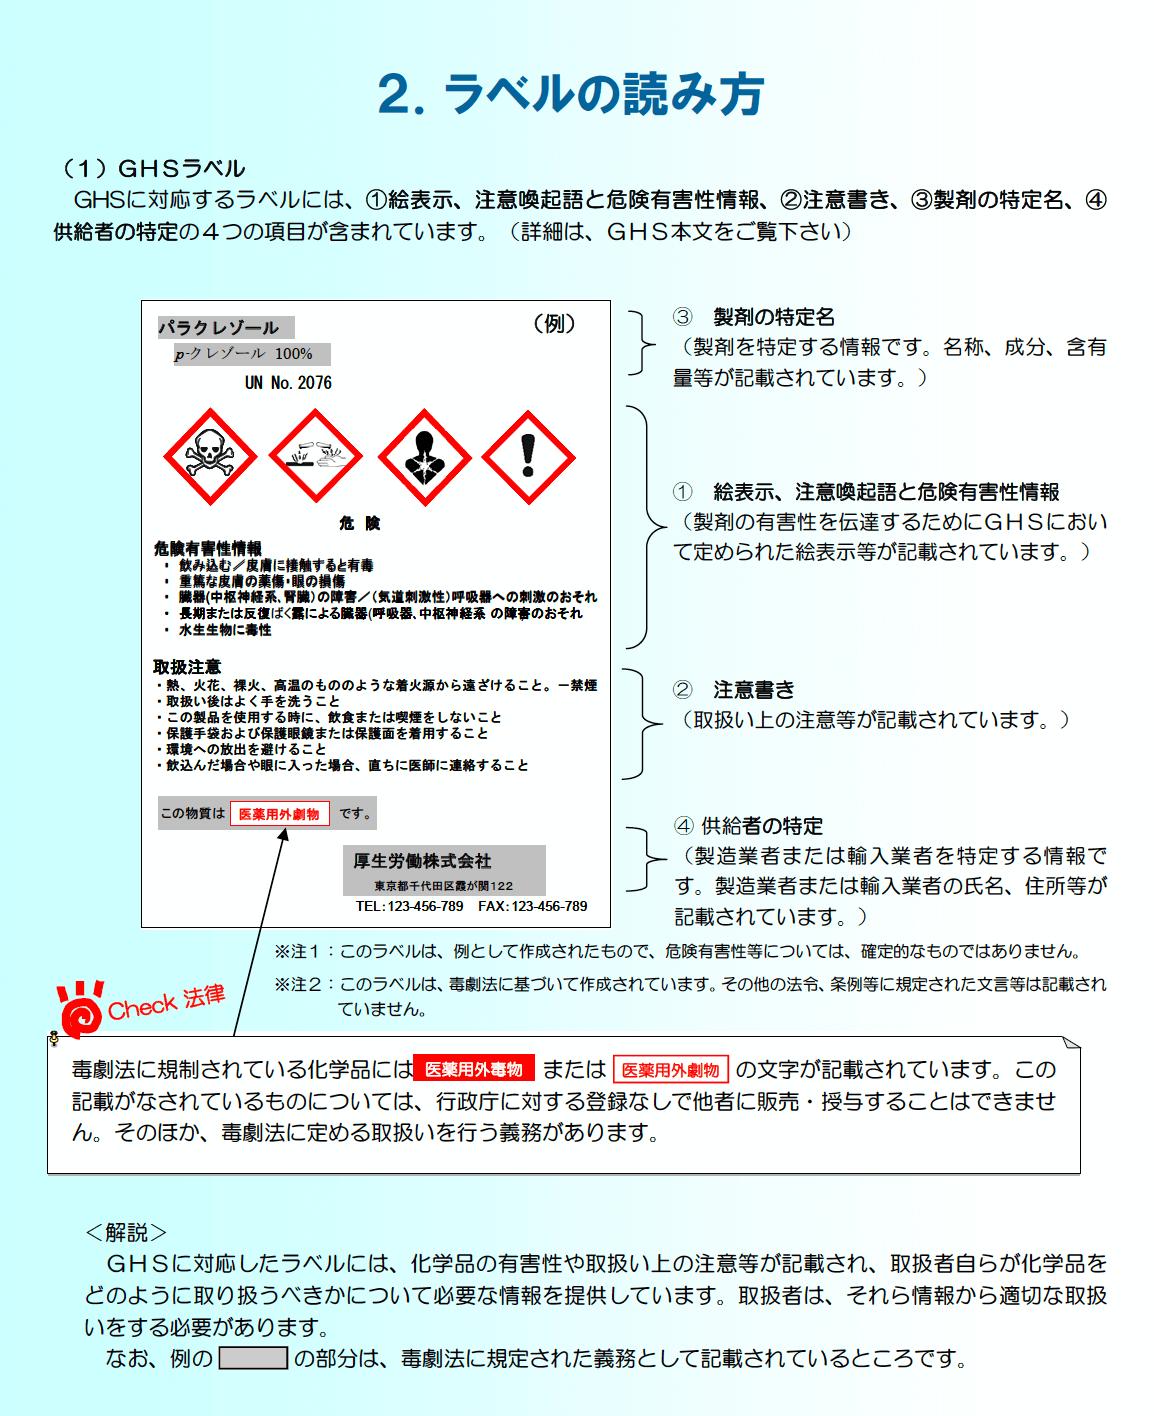 GHS_ラベルの読み方 (1)